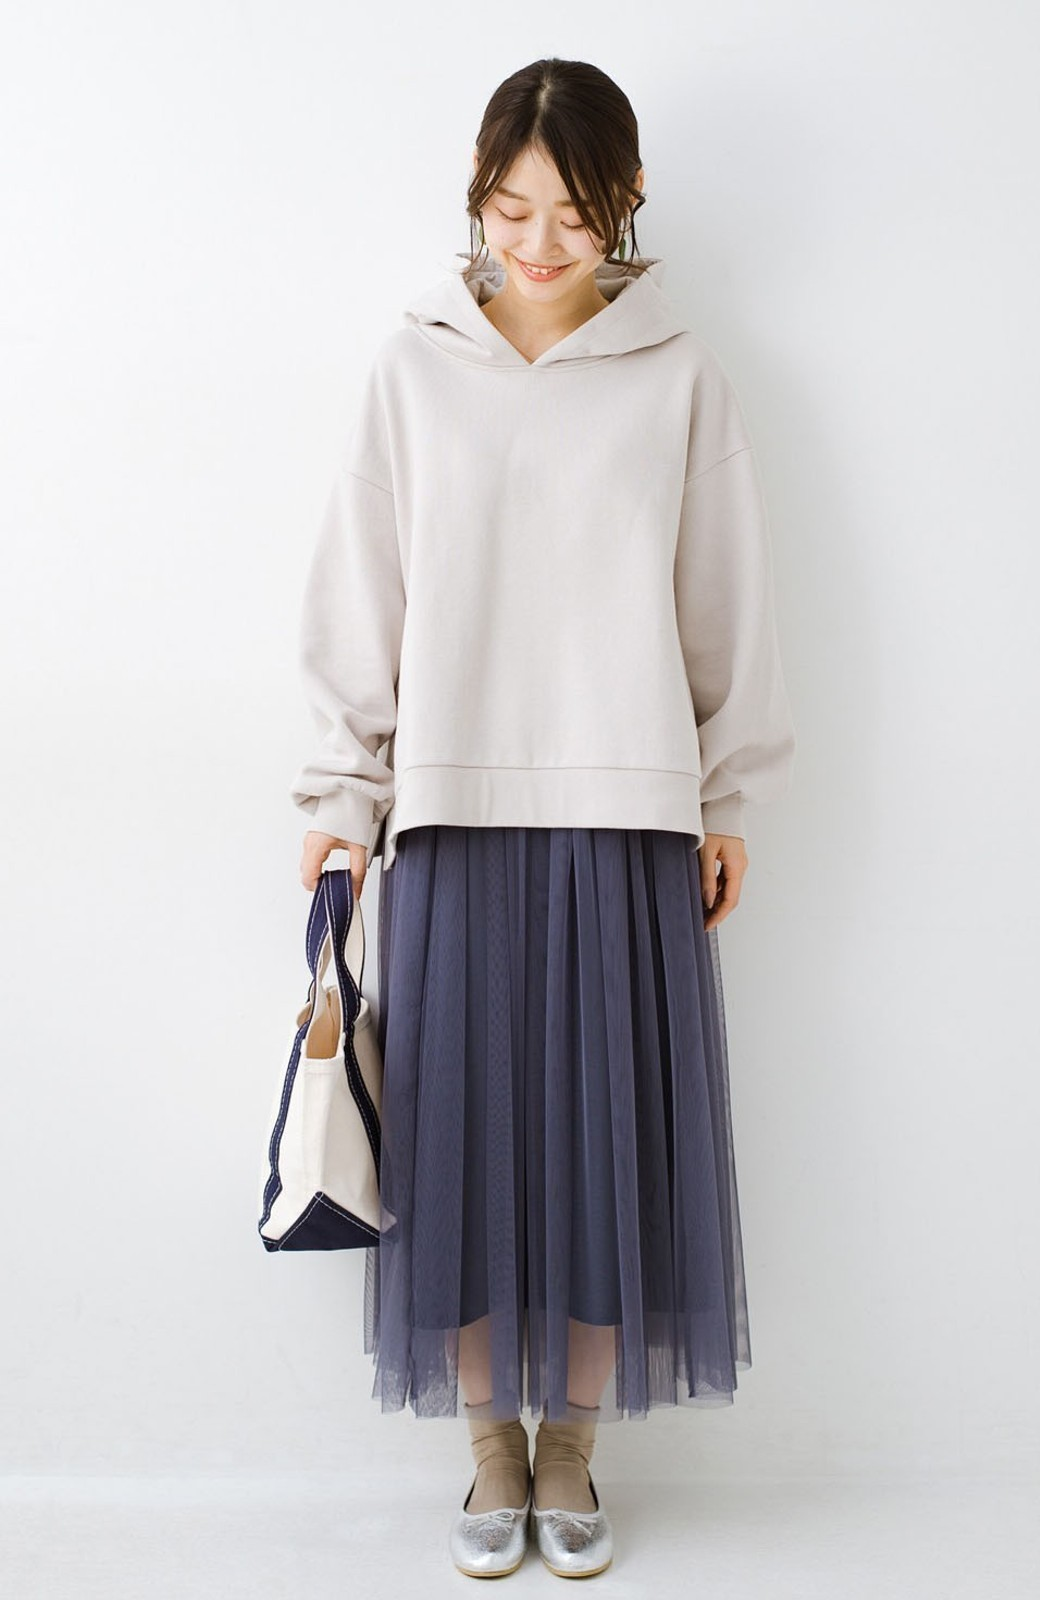 haco! 着るだけでルンとした気分になる! 長ーーい季節着られてずっと使えるオトナのためのチュールスカート <ネイビー>の商品写真2